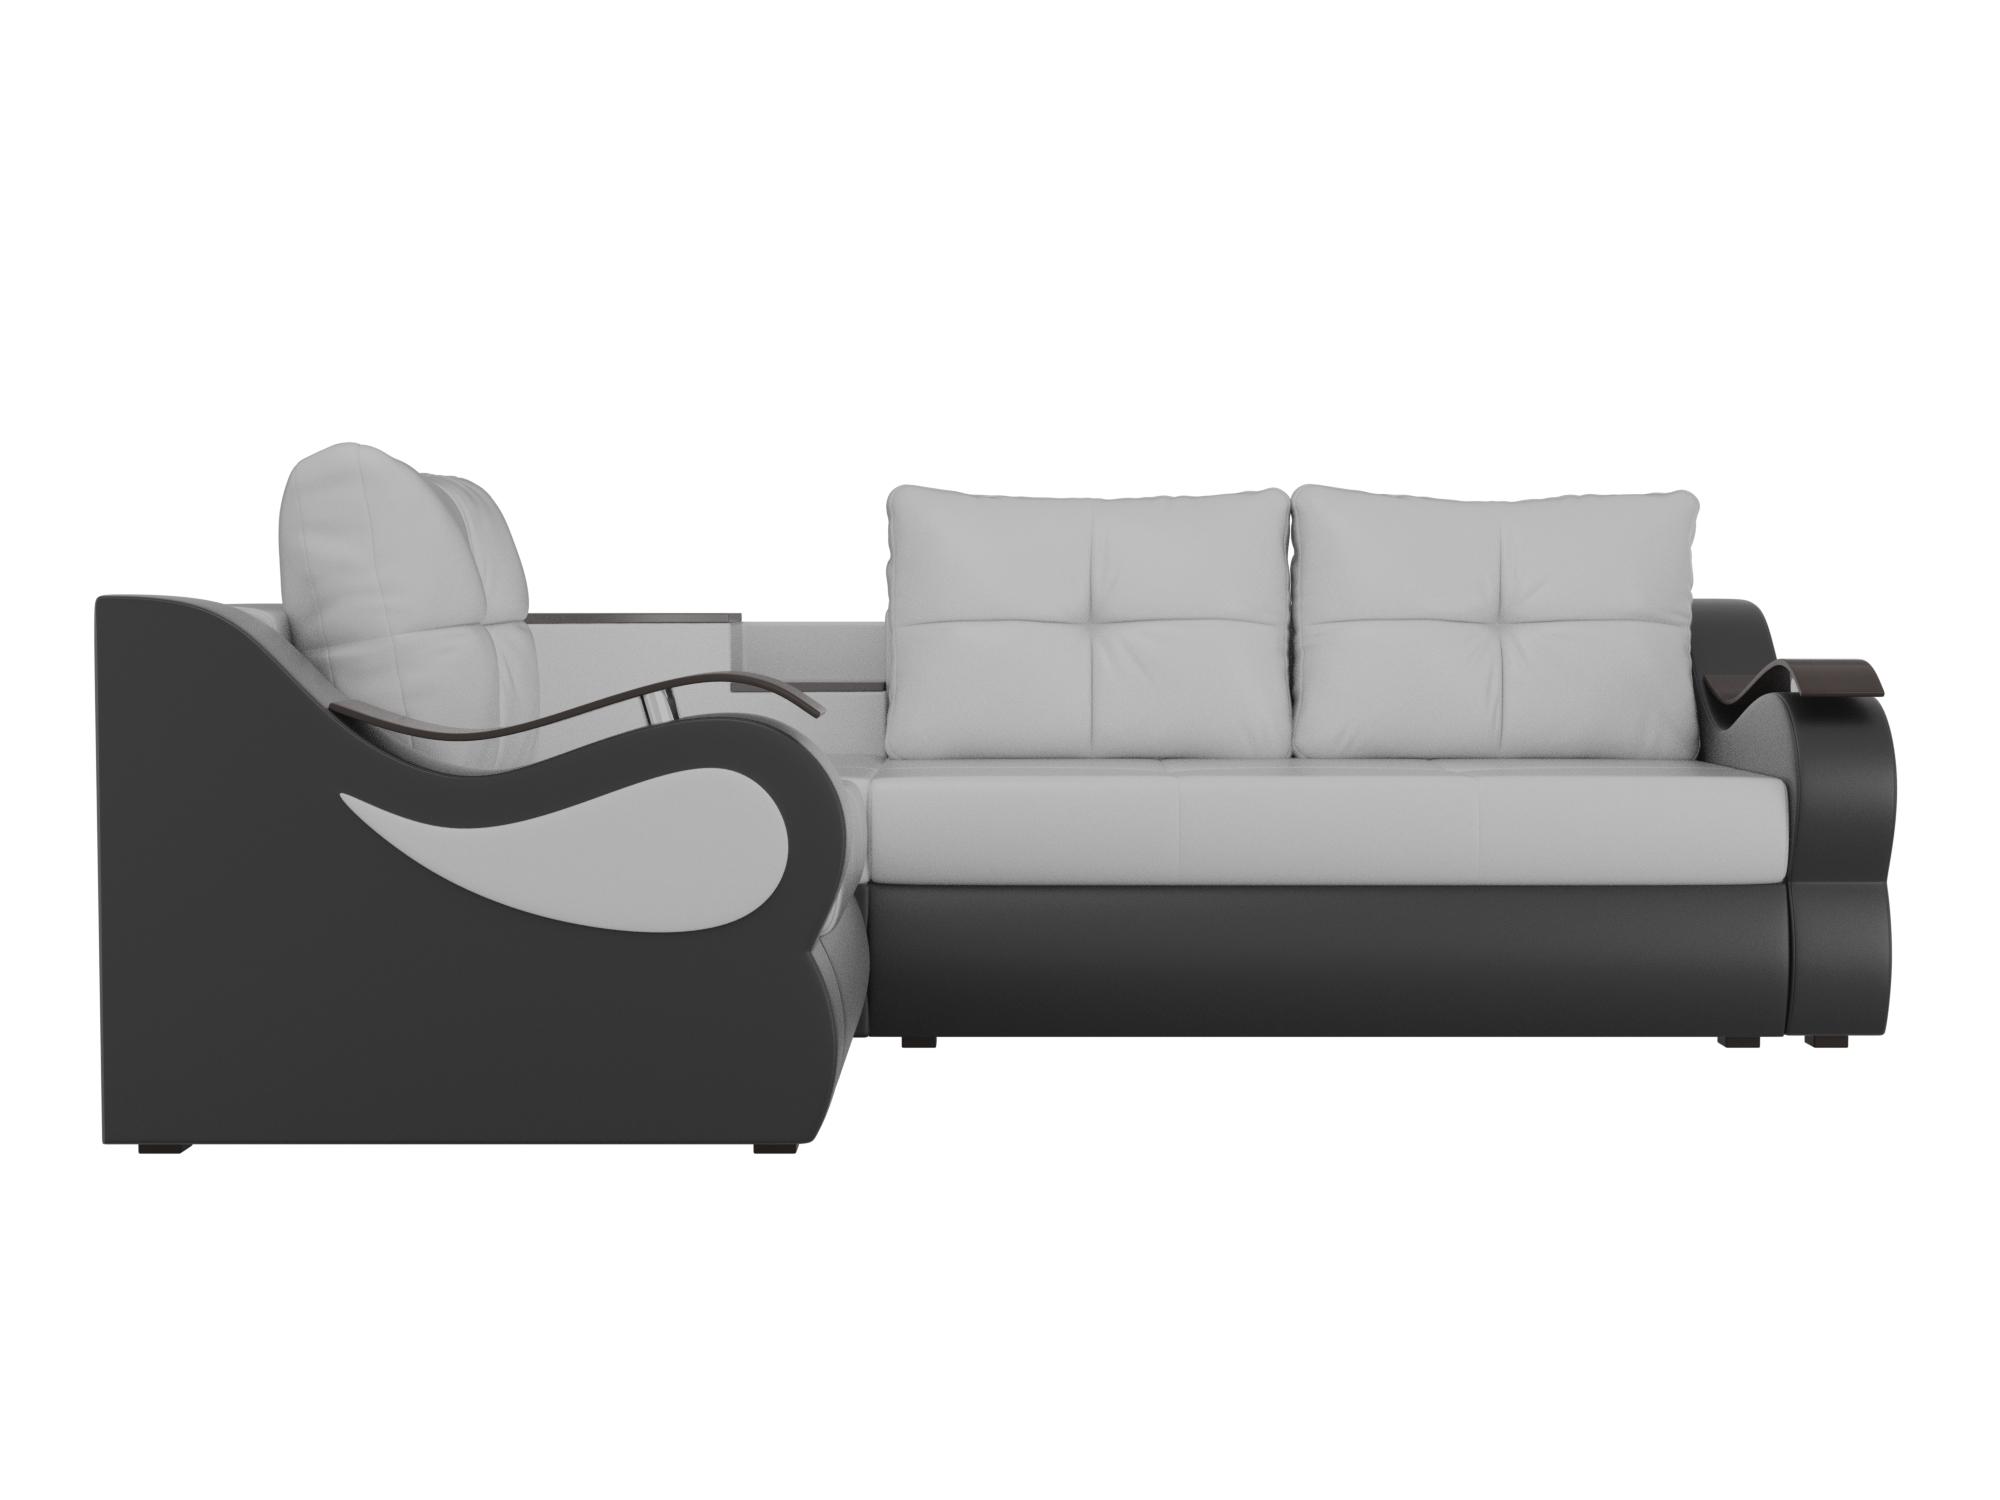 Угловой диван Митчелл Левый MebelVia Белый, Черный, Экокожа, ЛДСП Белый, Черный